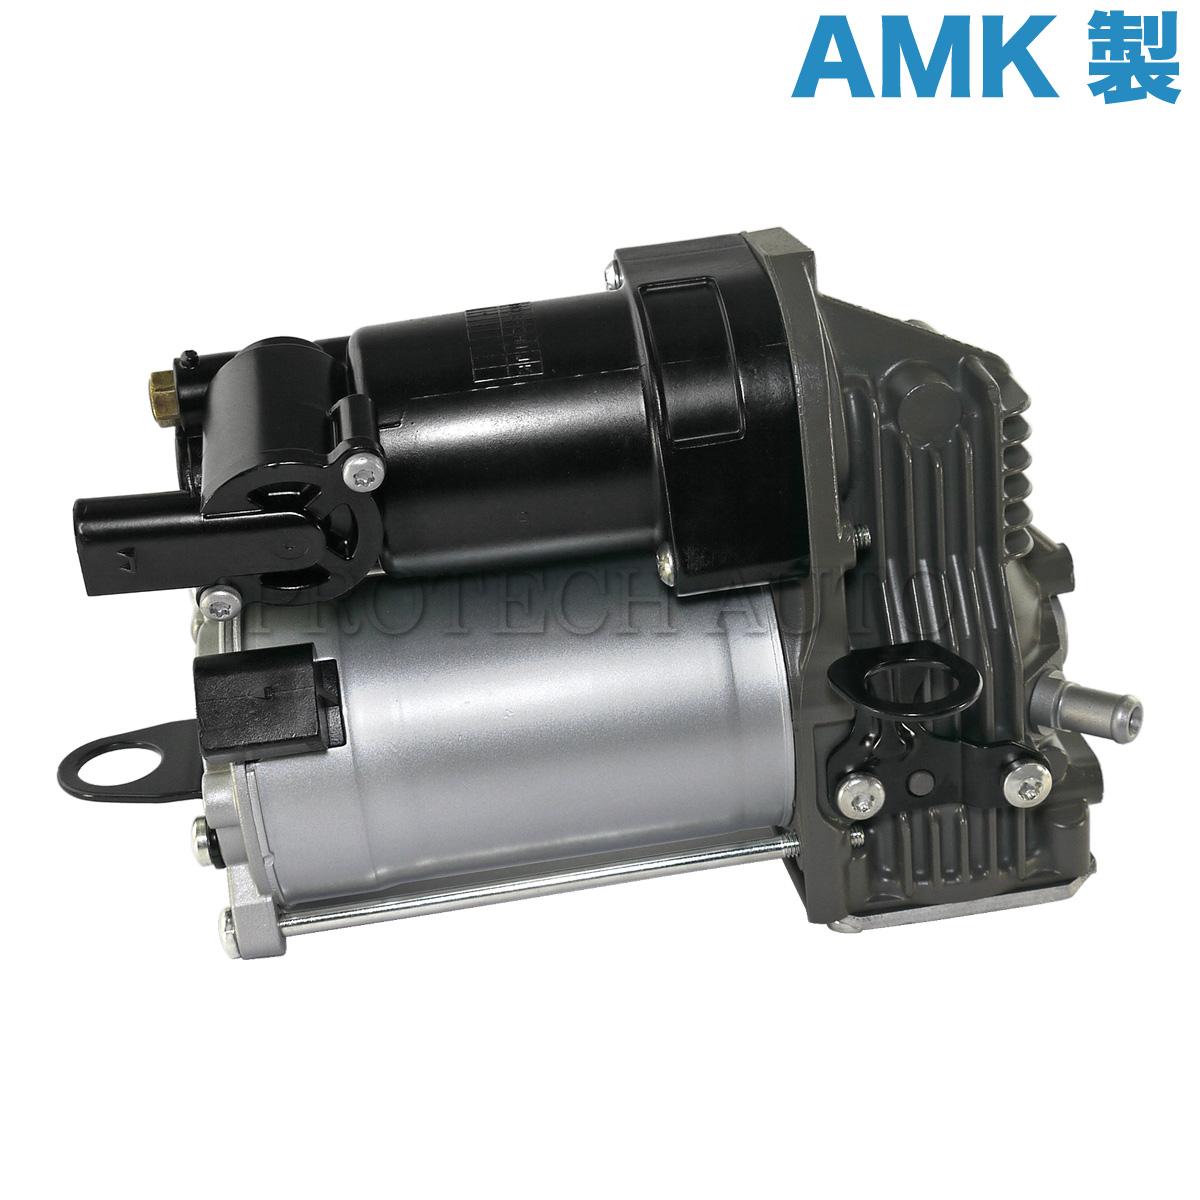 純正OEM AMK製 ベンツ W164 X164 エアサスコンプレッサー/エアサスポンプ 1643201204 ML350 ML500 ML550 ML63AMG GL550【あす楽対応】